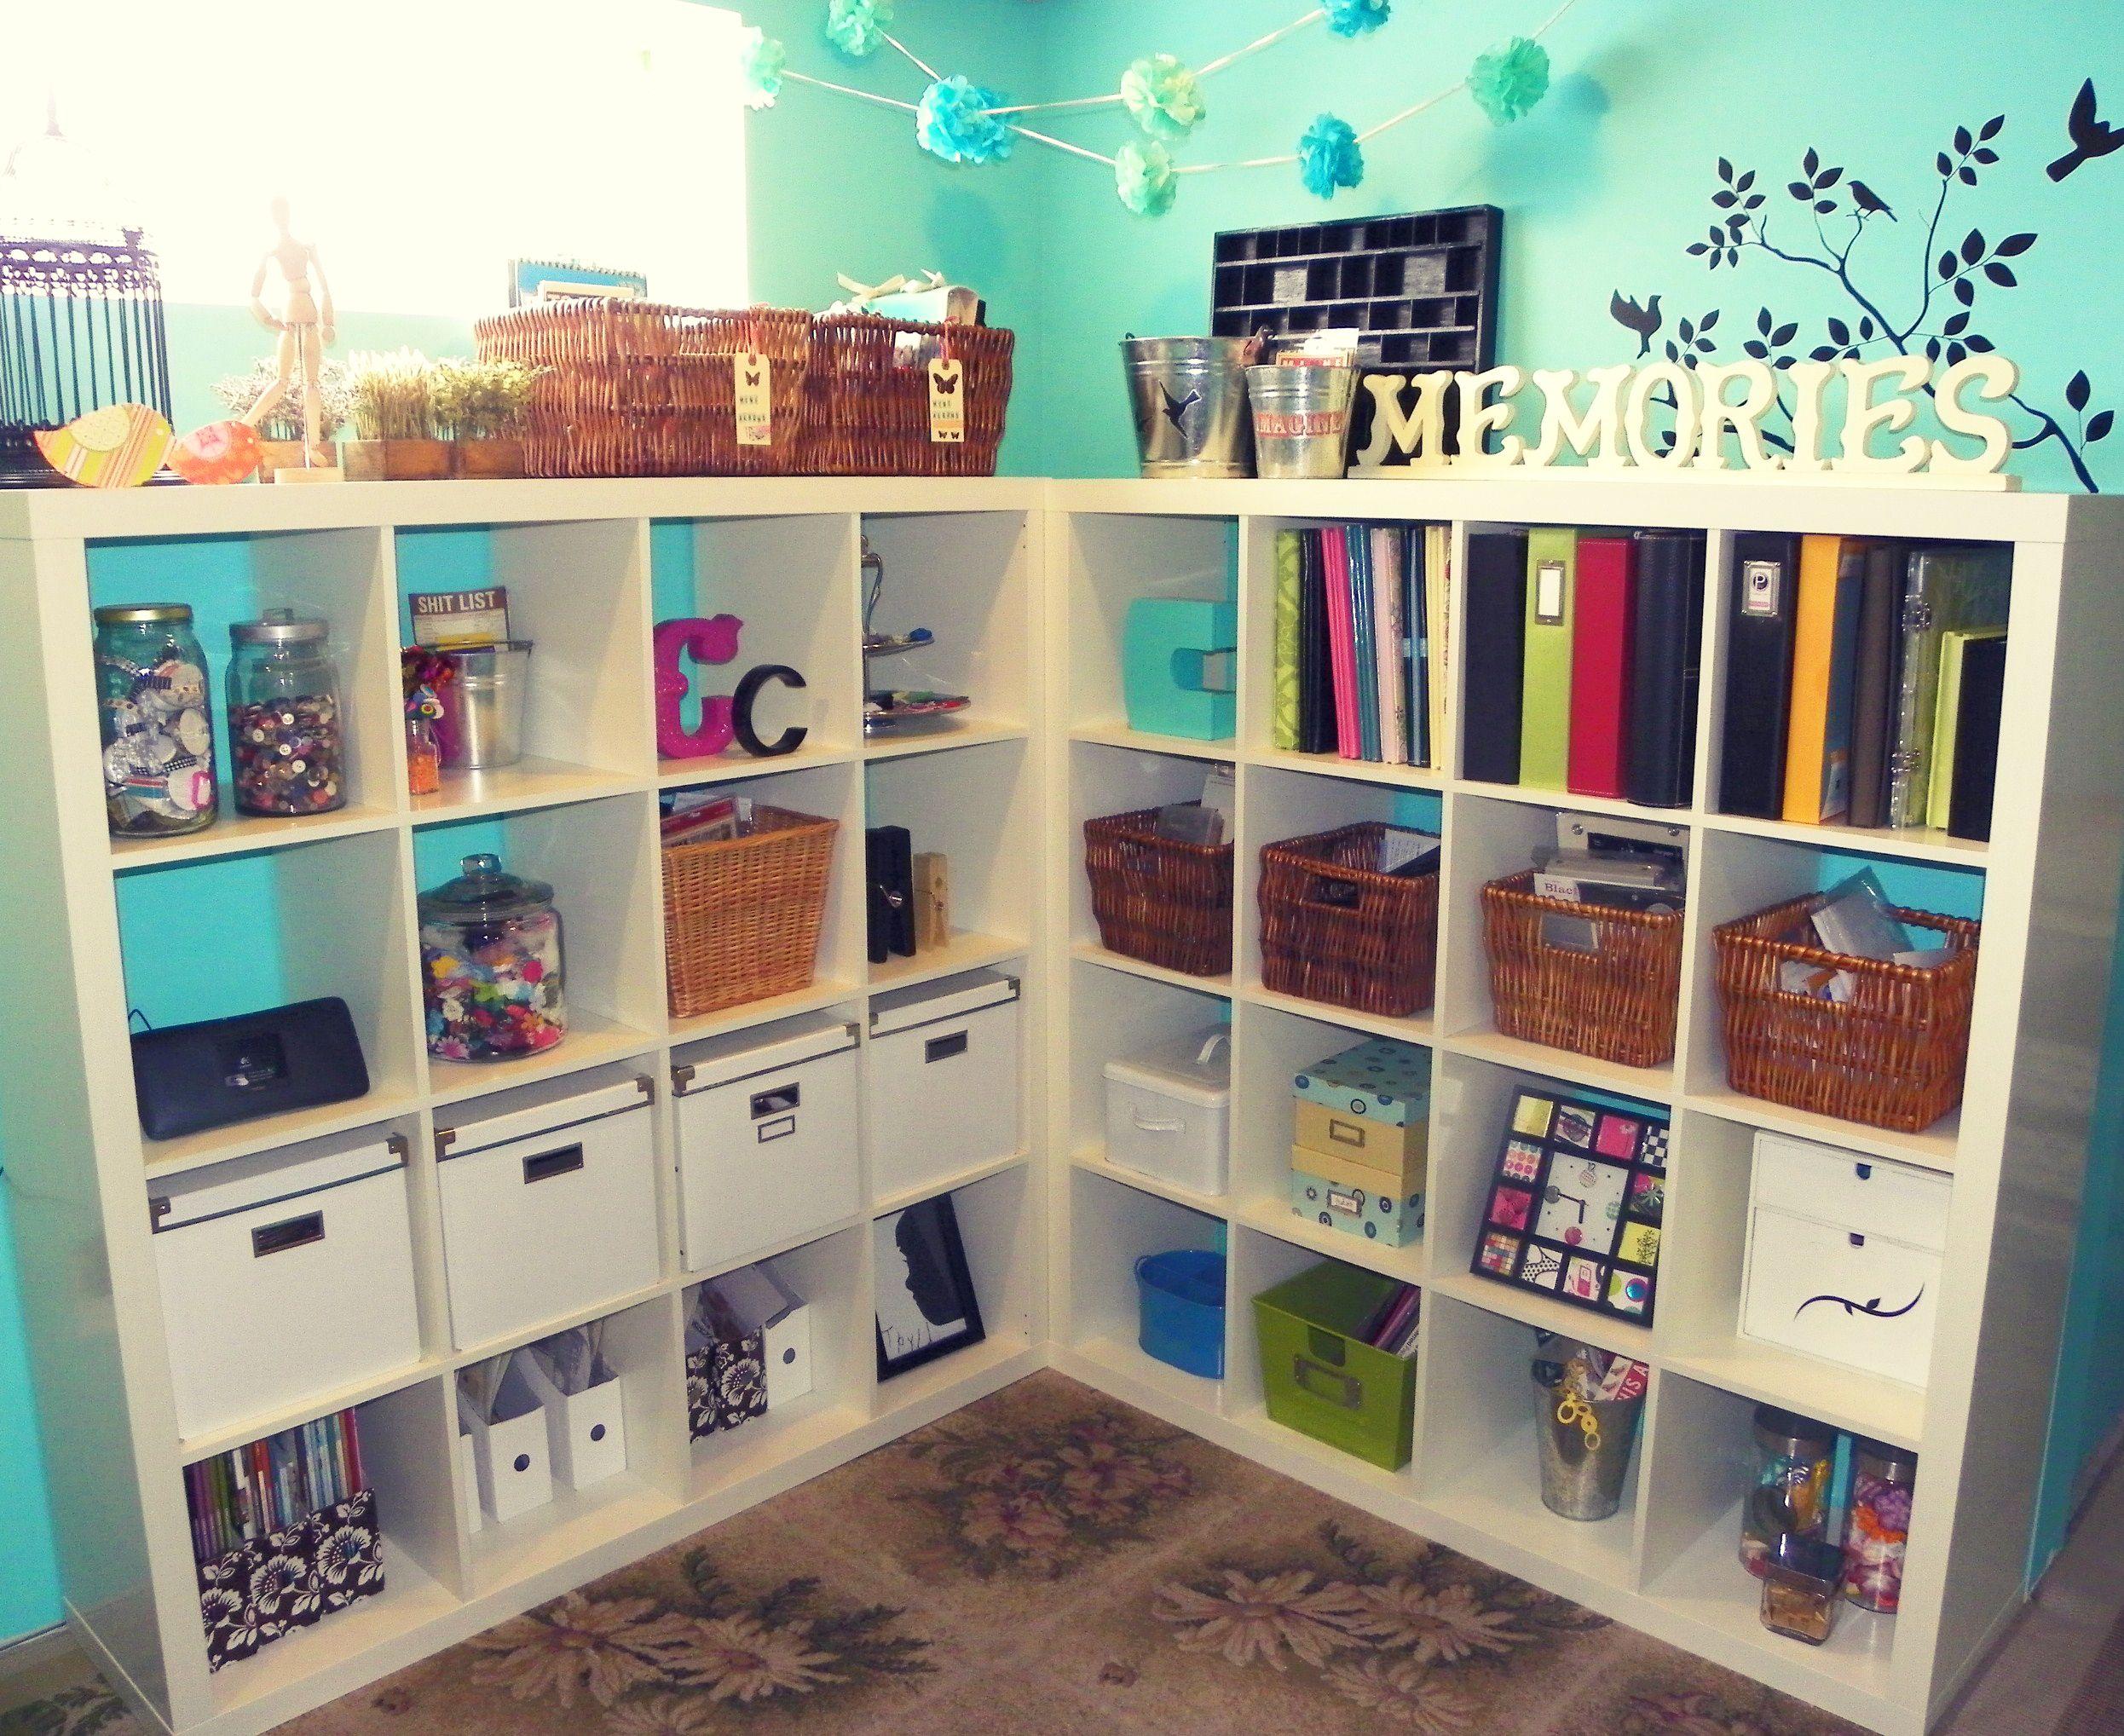 shelf org tar book stair berkleyhomes fresh ladder latest corner ikea of desk and bookcase lovely bookshelf